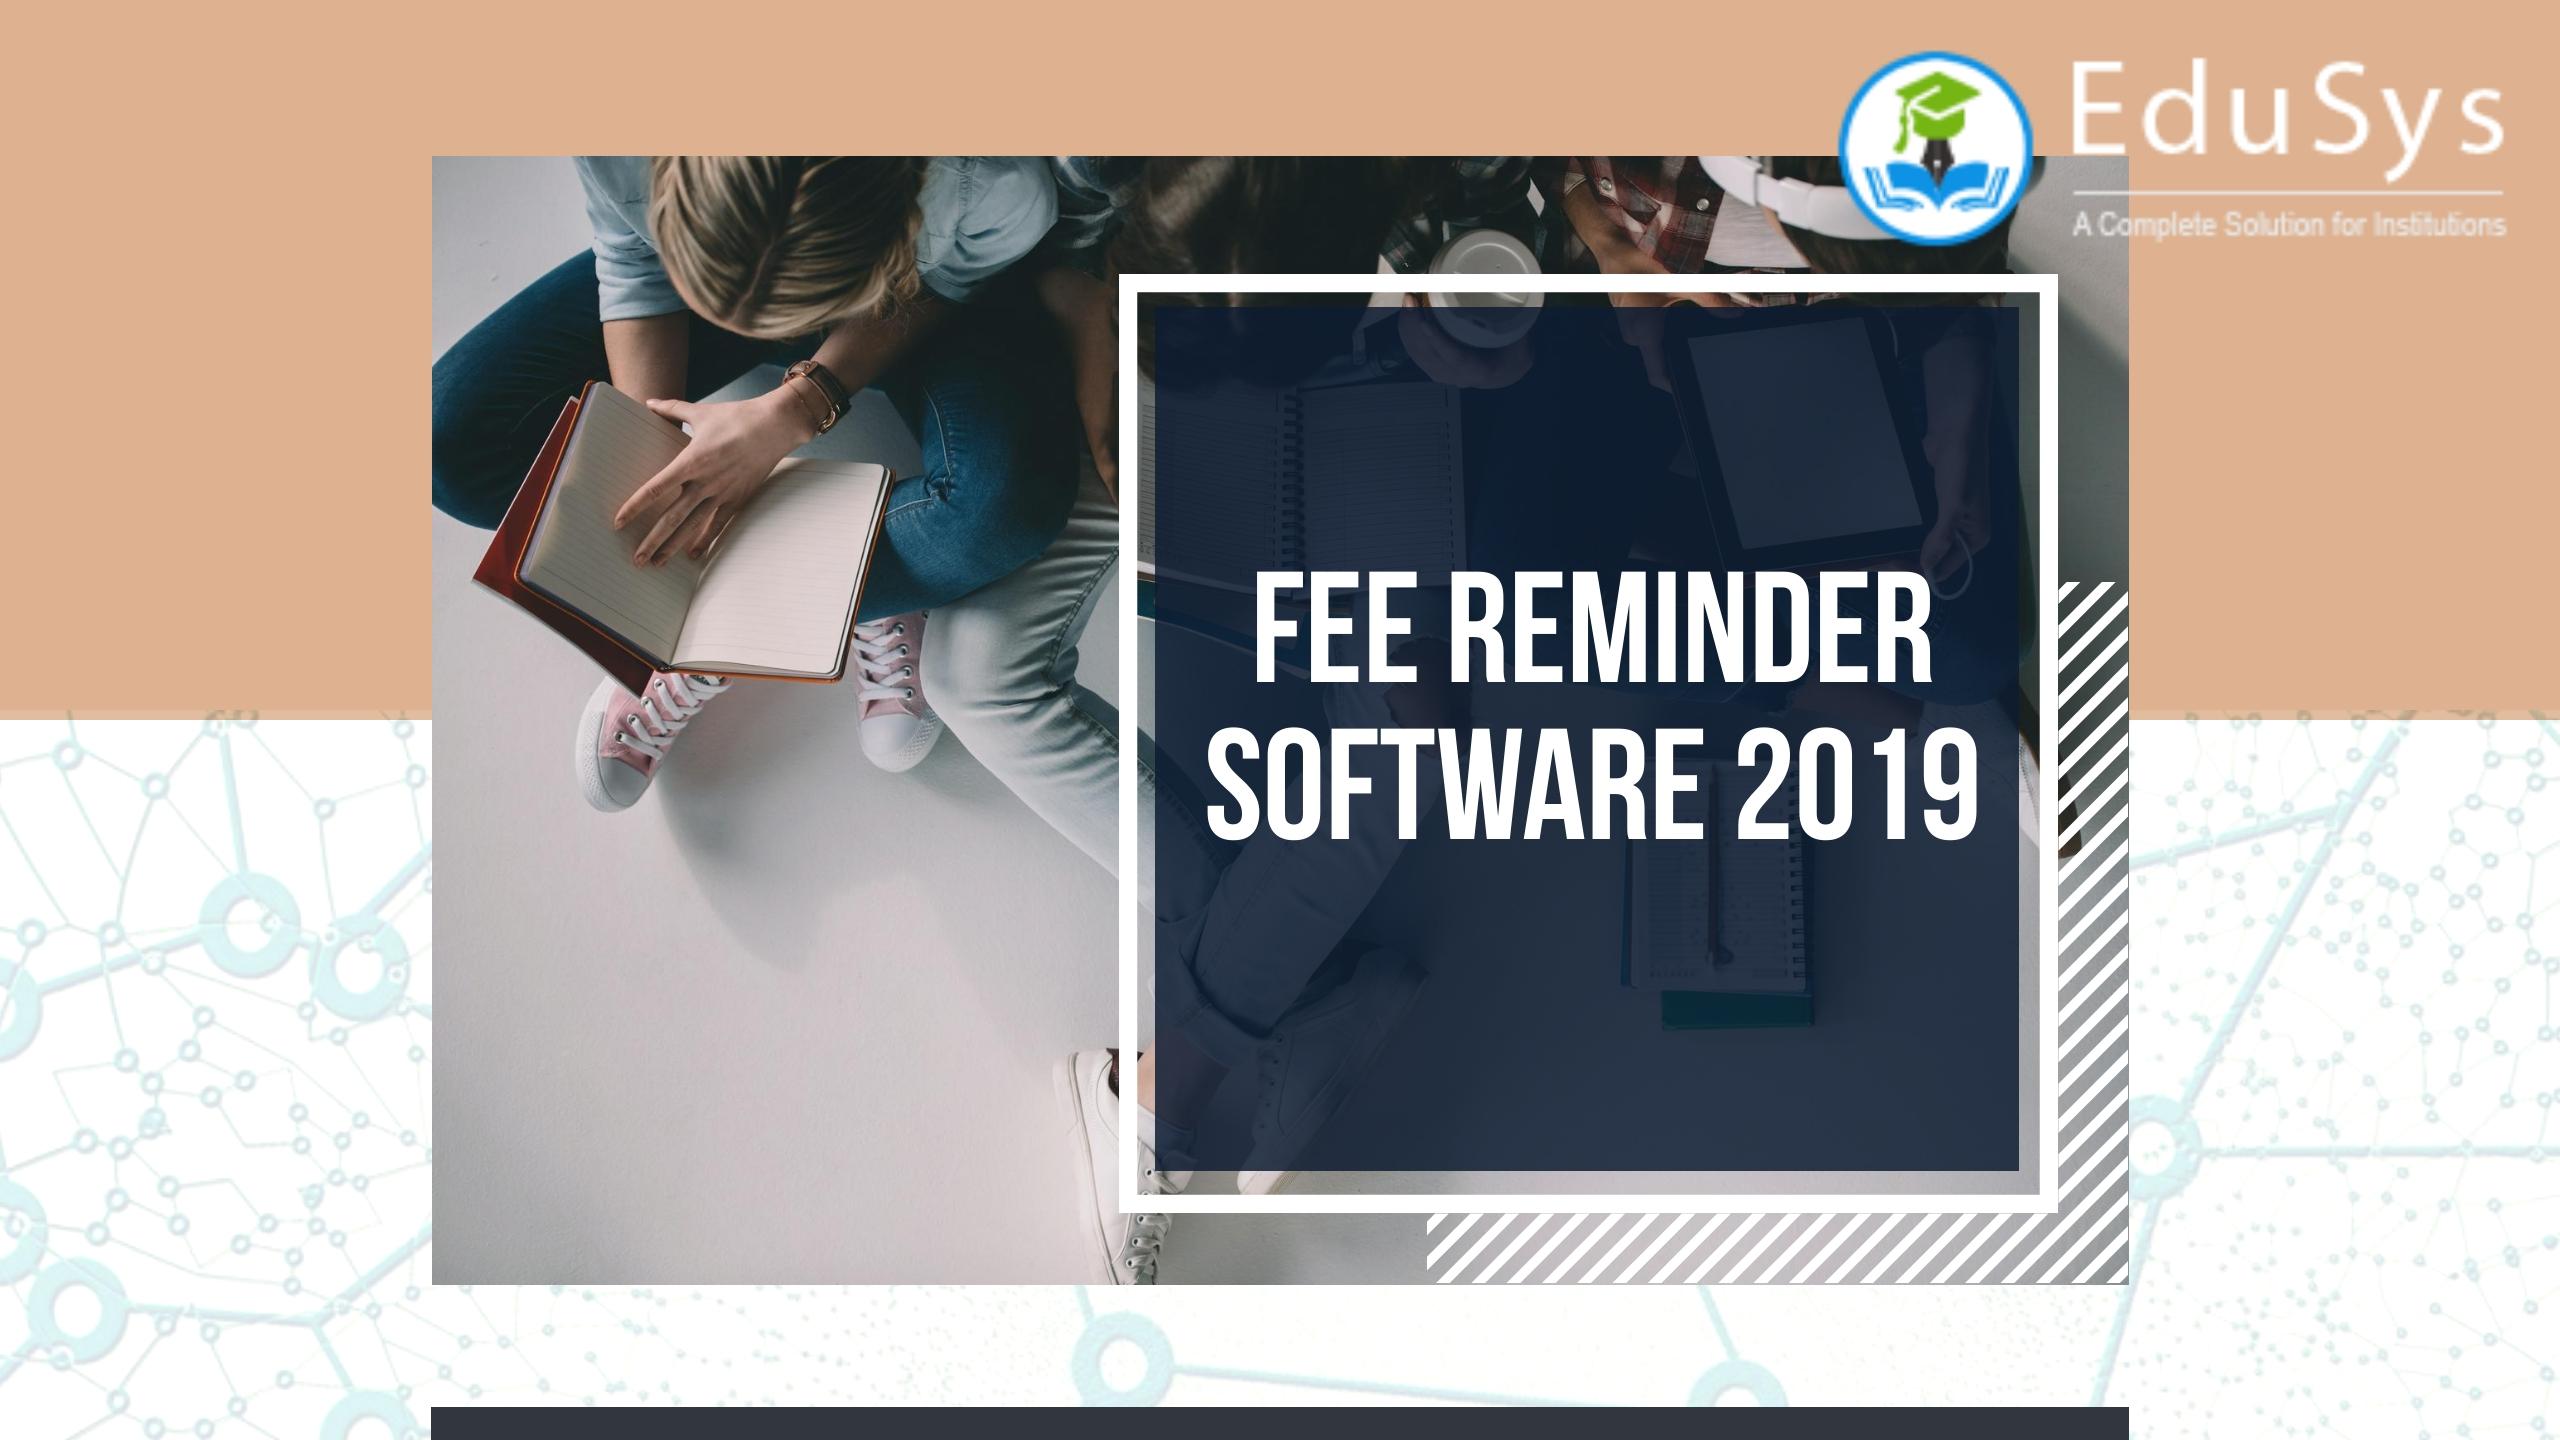 Fee Reminder Software 2019 - Sent Bulk SMS & Free Emails